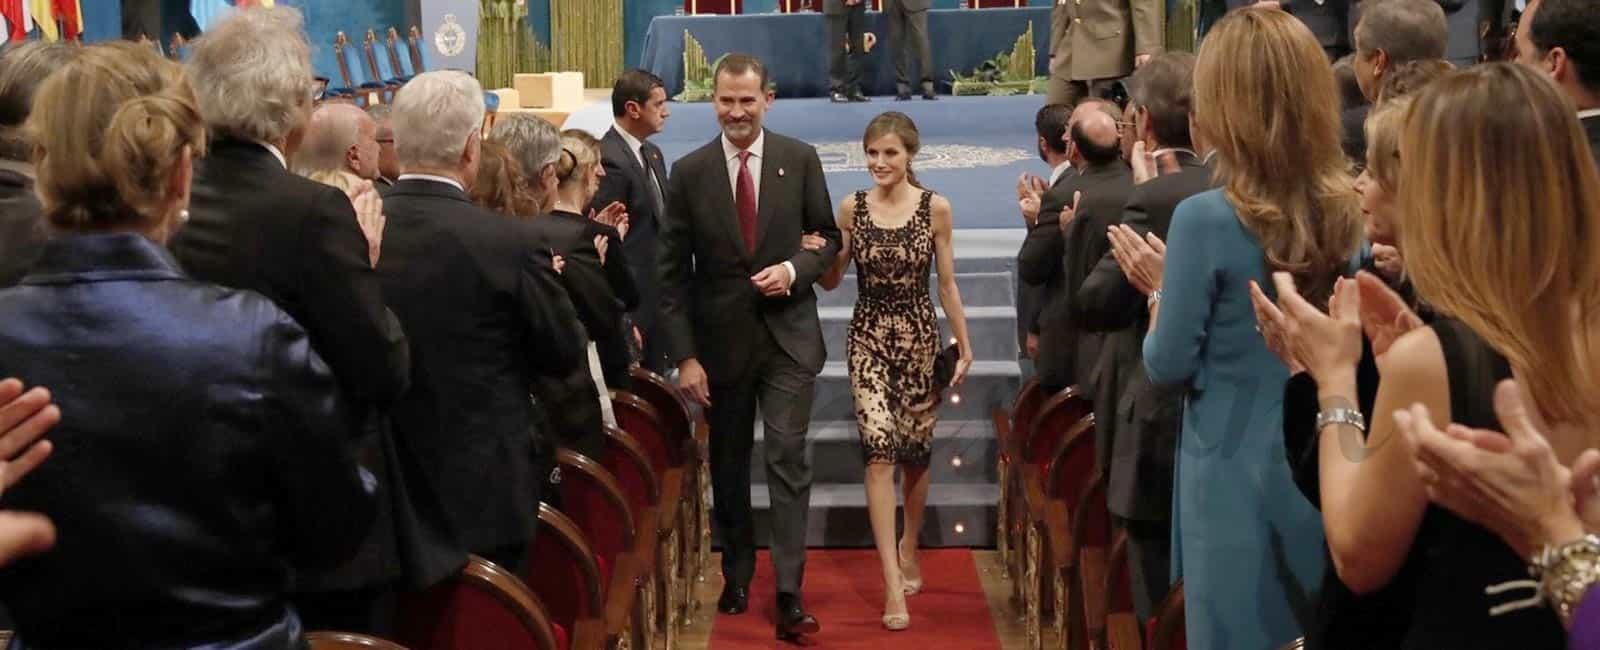 Entrega de los Premios Princesa de Asturias 2016